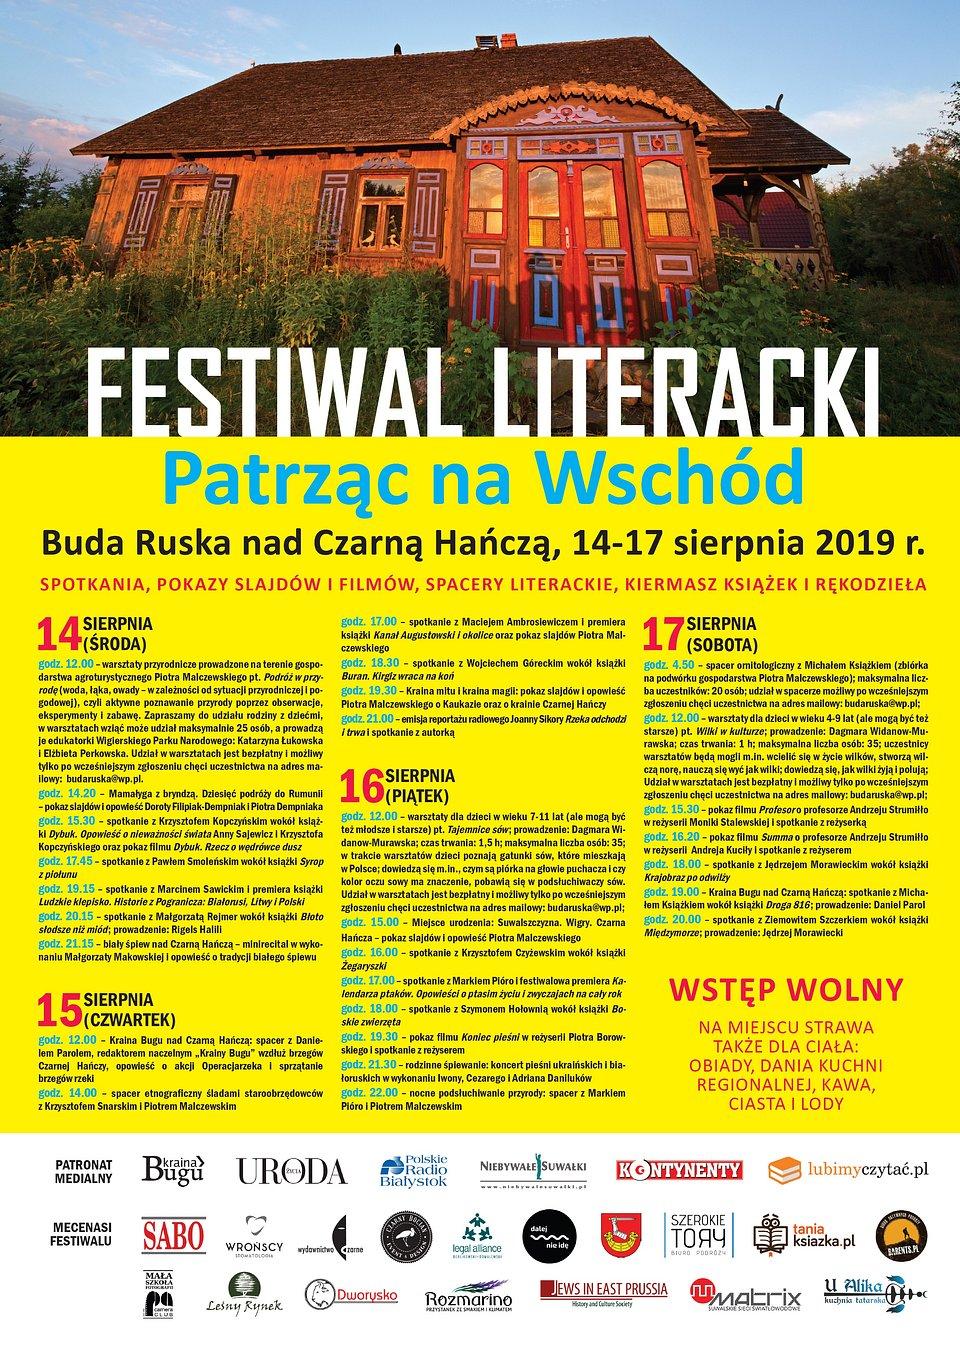 Materiał organizatora Festiwalu